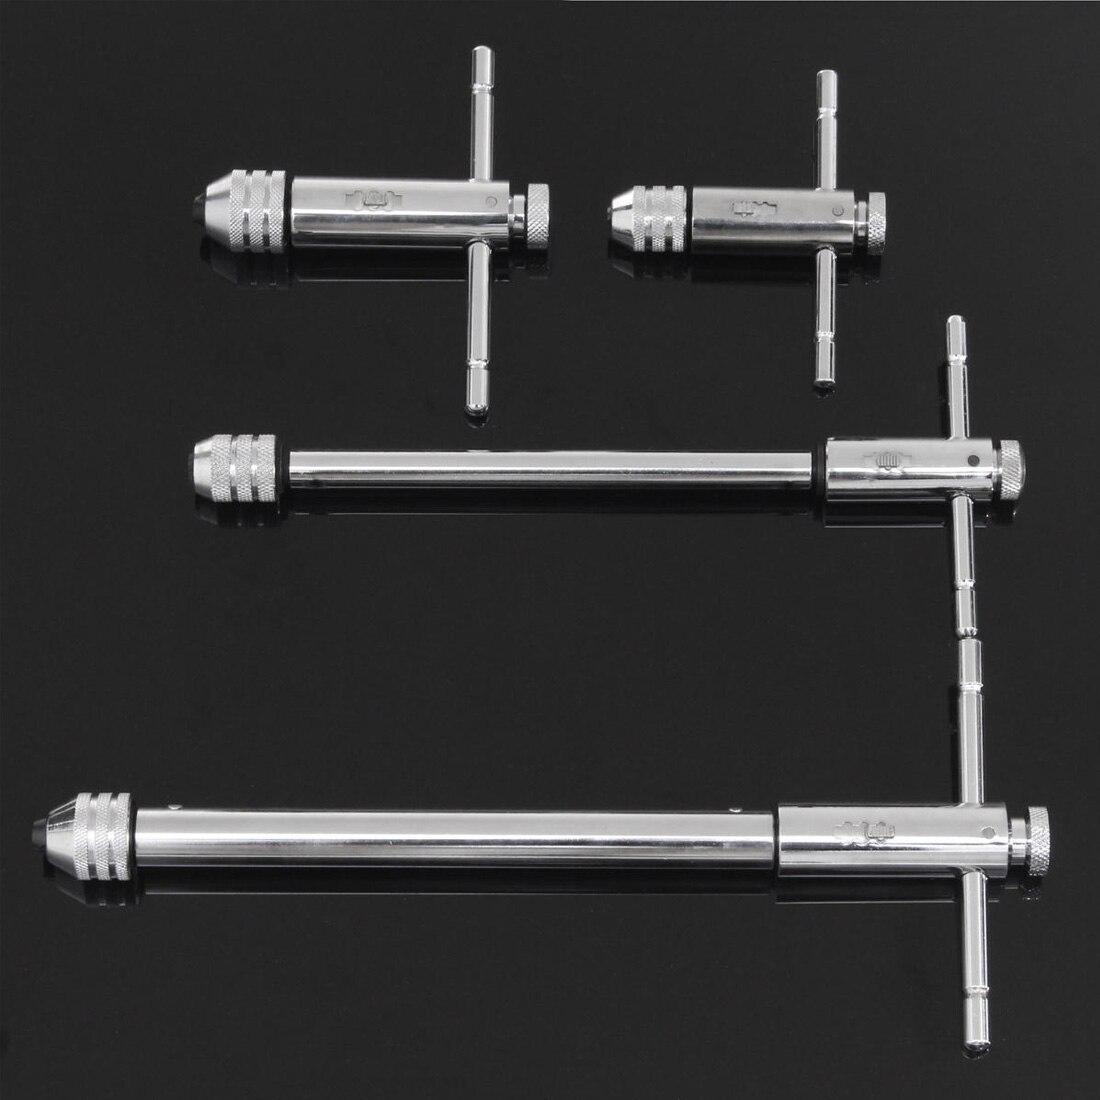 Регулируемый M3-M8 M5-M12 Т-образной ручкой трещотка краны машинный гаечный ключ винт Резьба Метрическая вилка кран машинные инструменты